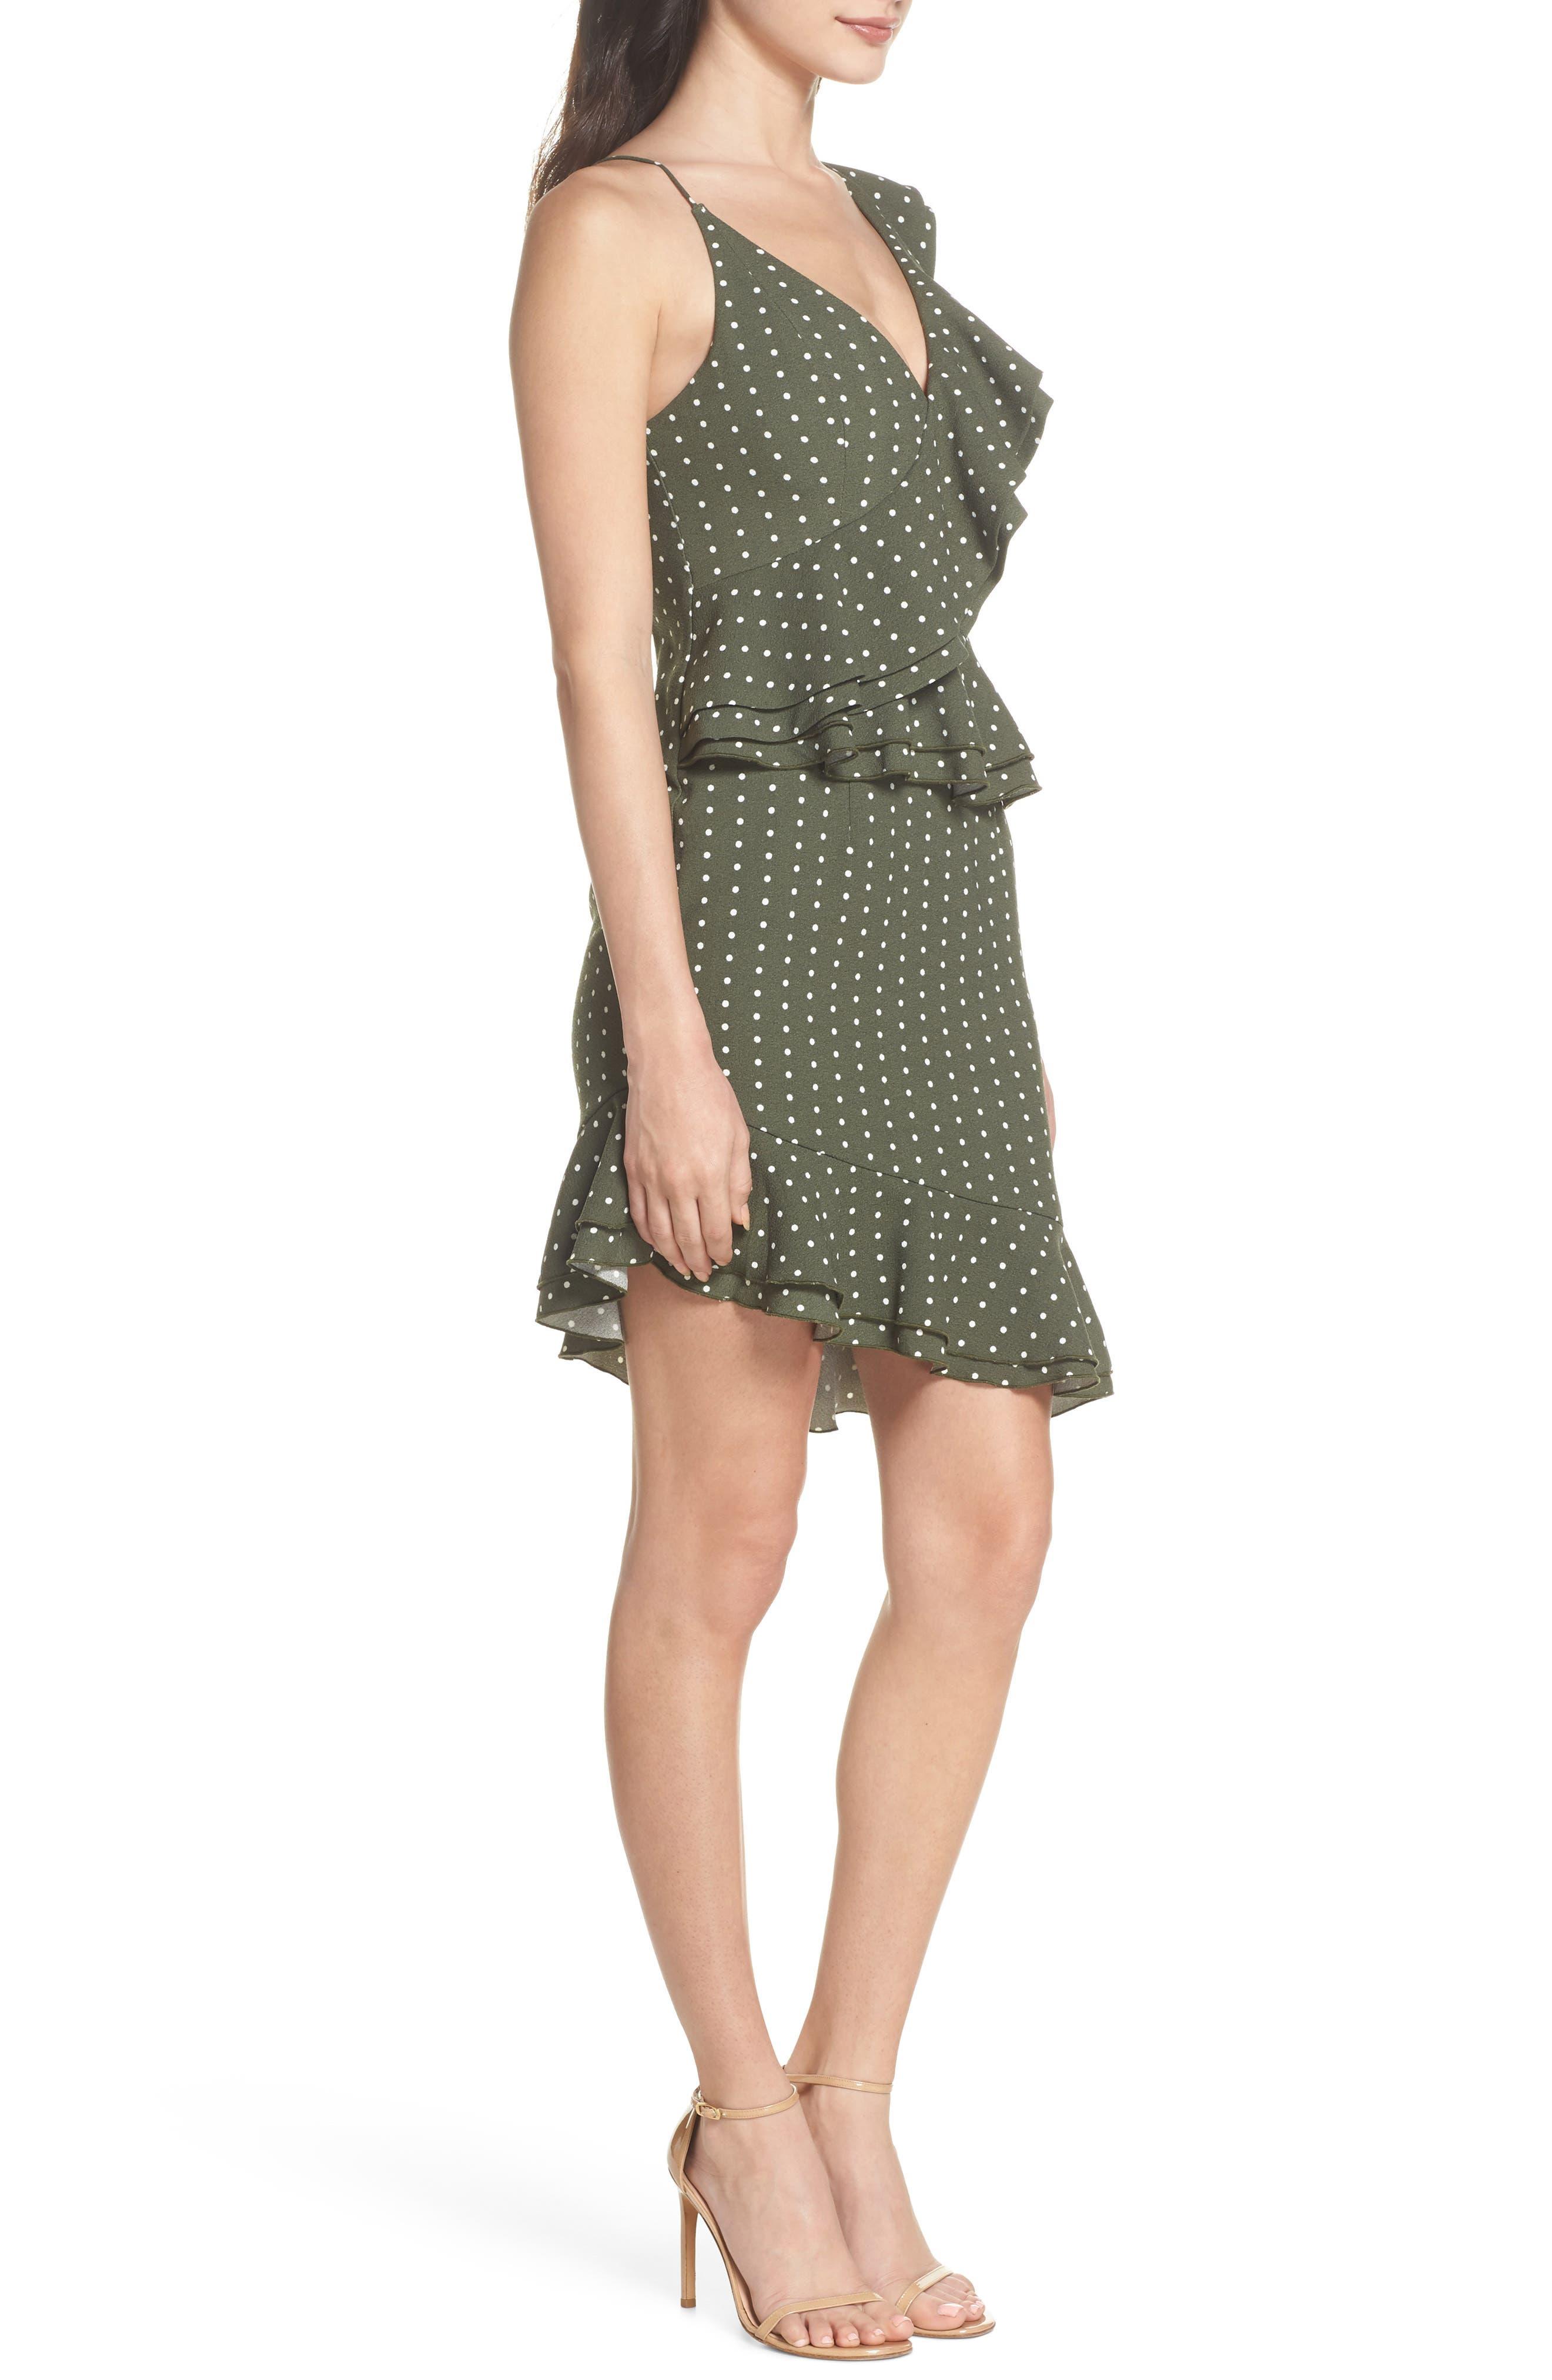 Entice Dot Ruffle Trim Dress,                             Alternate thumbnail 3, color,                             Khaki W Ivory Spot